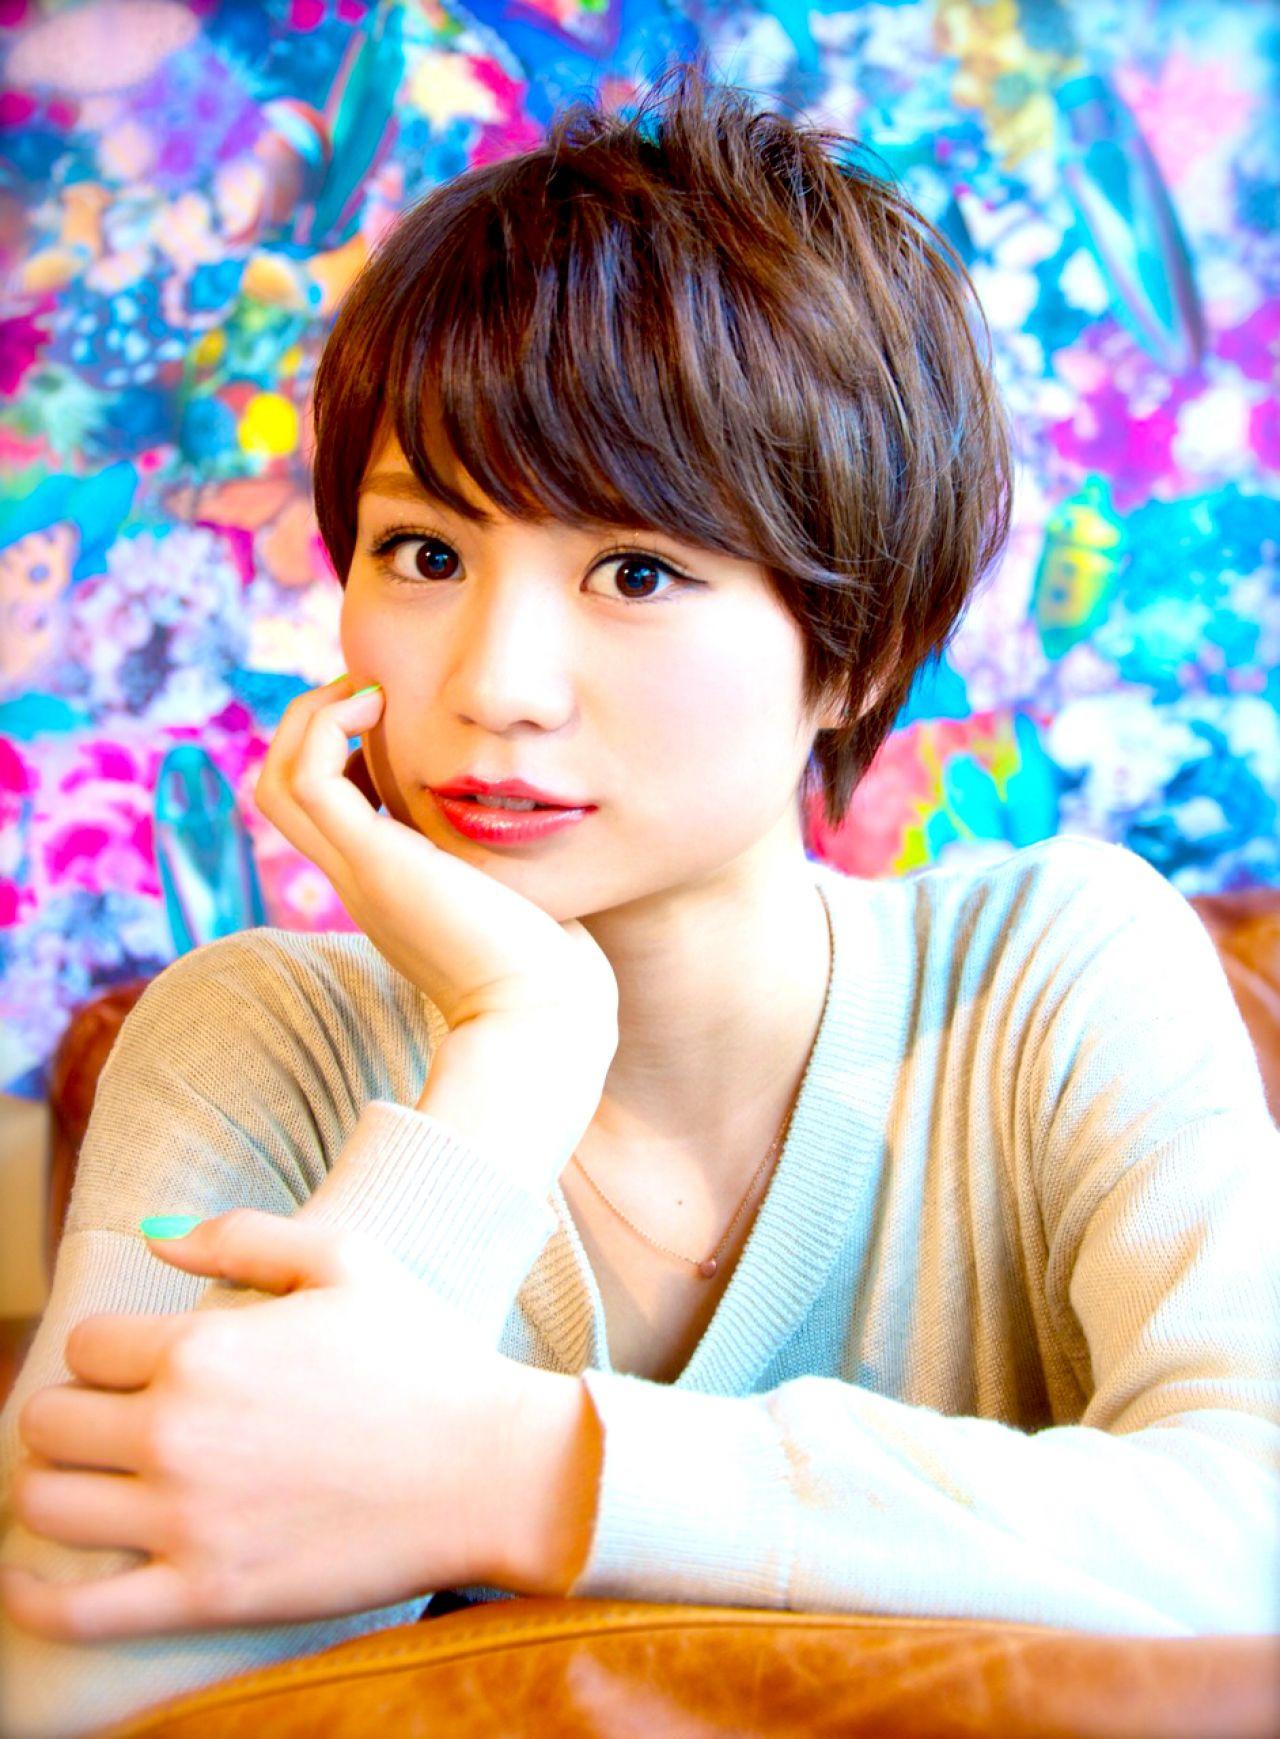 顔まわりすっきり!丸顔女子におすすめのベリーショートスタイル 穂積 聡 / DECO